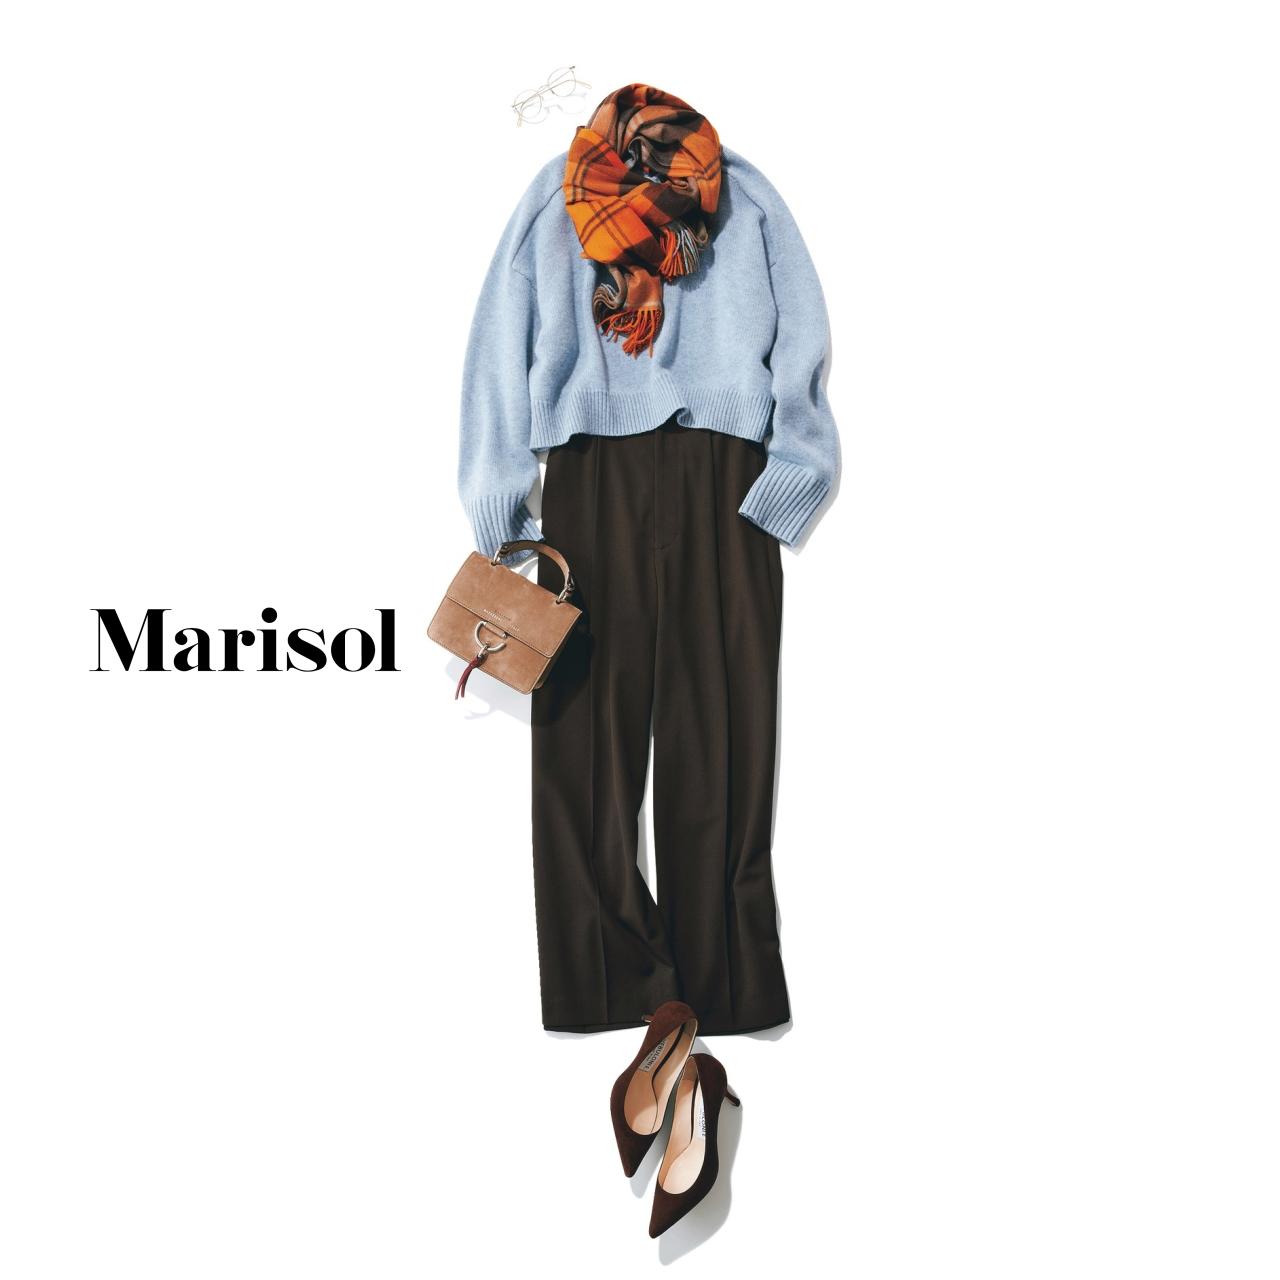 40代ファッション ニット×パンツ×ストールコーデ